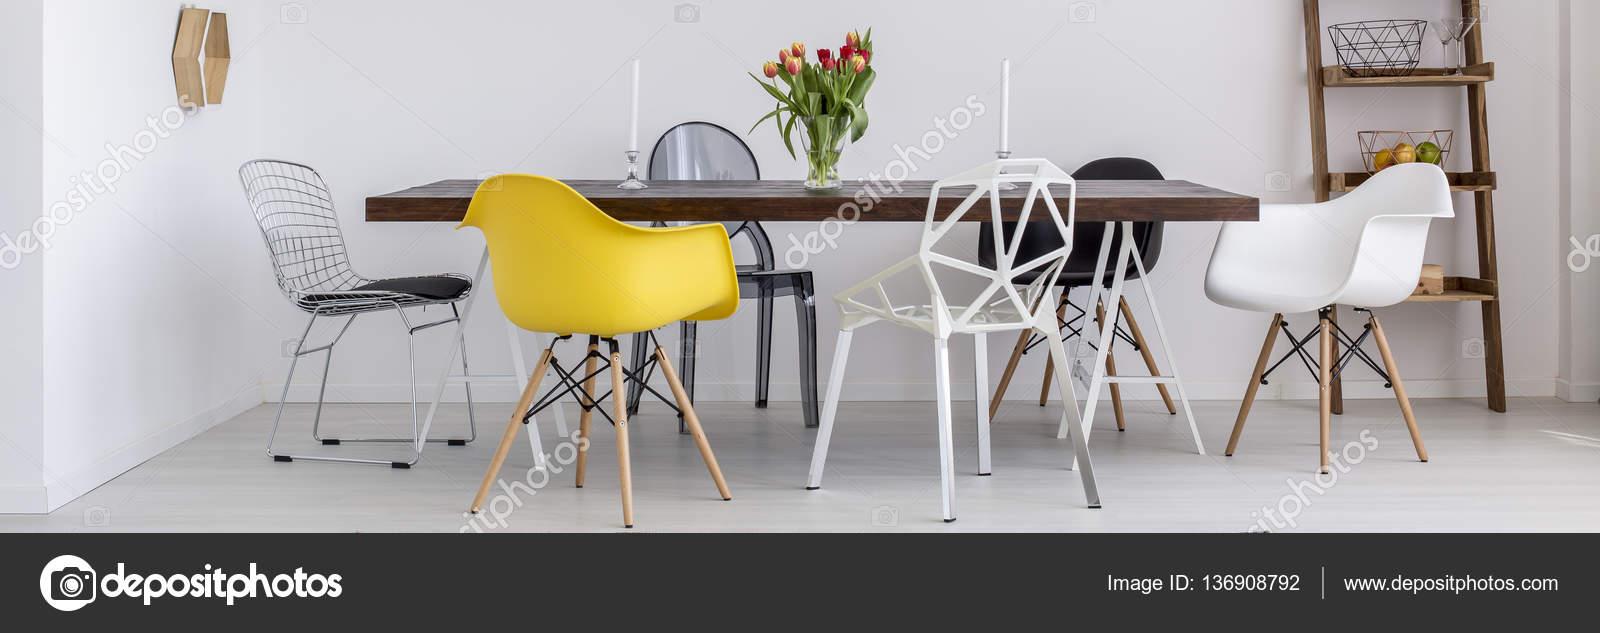 Tavolo Di Legno Con Sedie Moderne.Tavolo In Legno E Sedie Moderne Foto Stock C Photographee